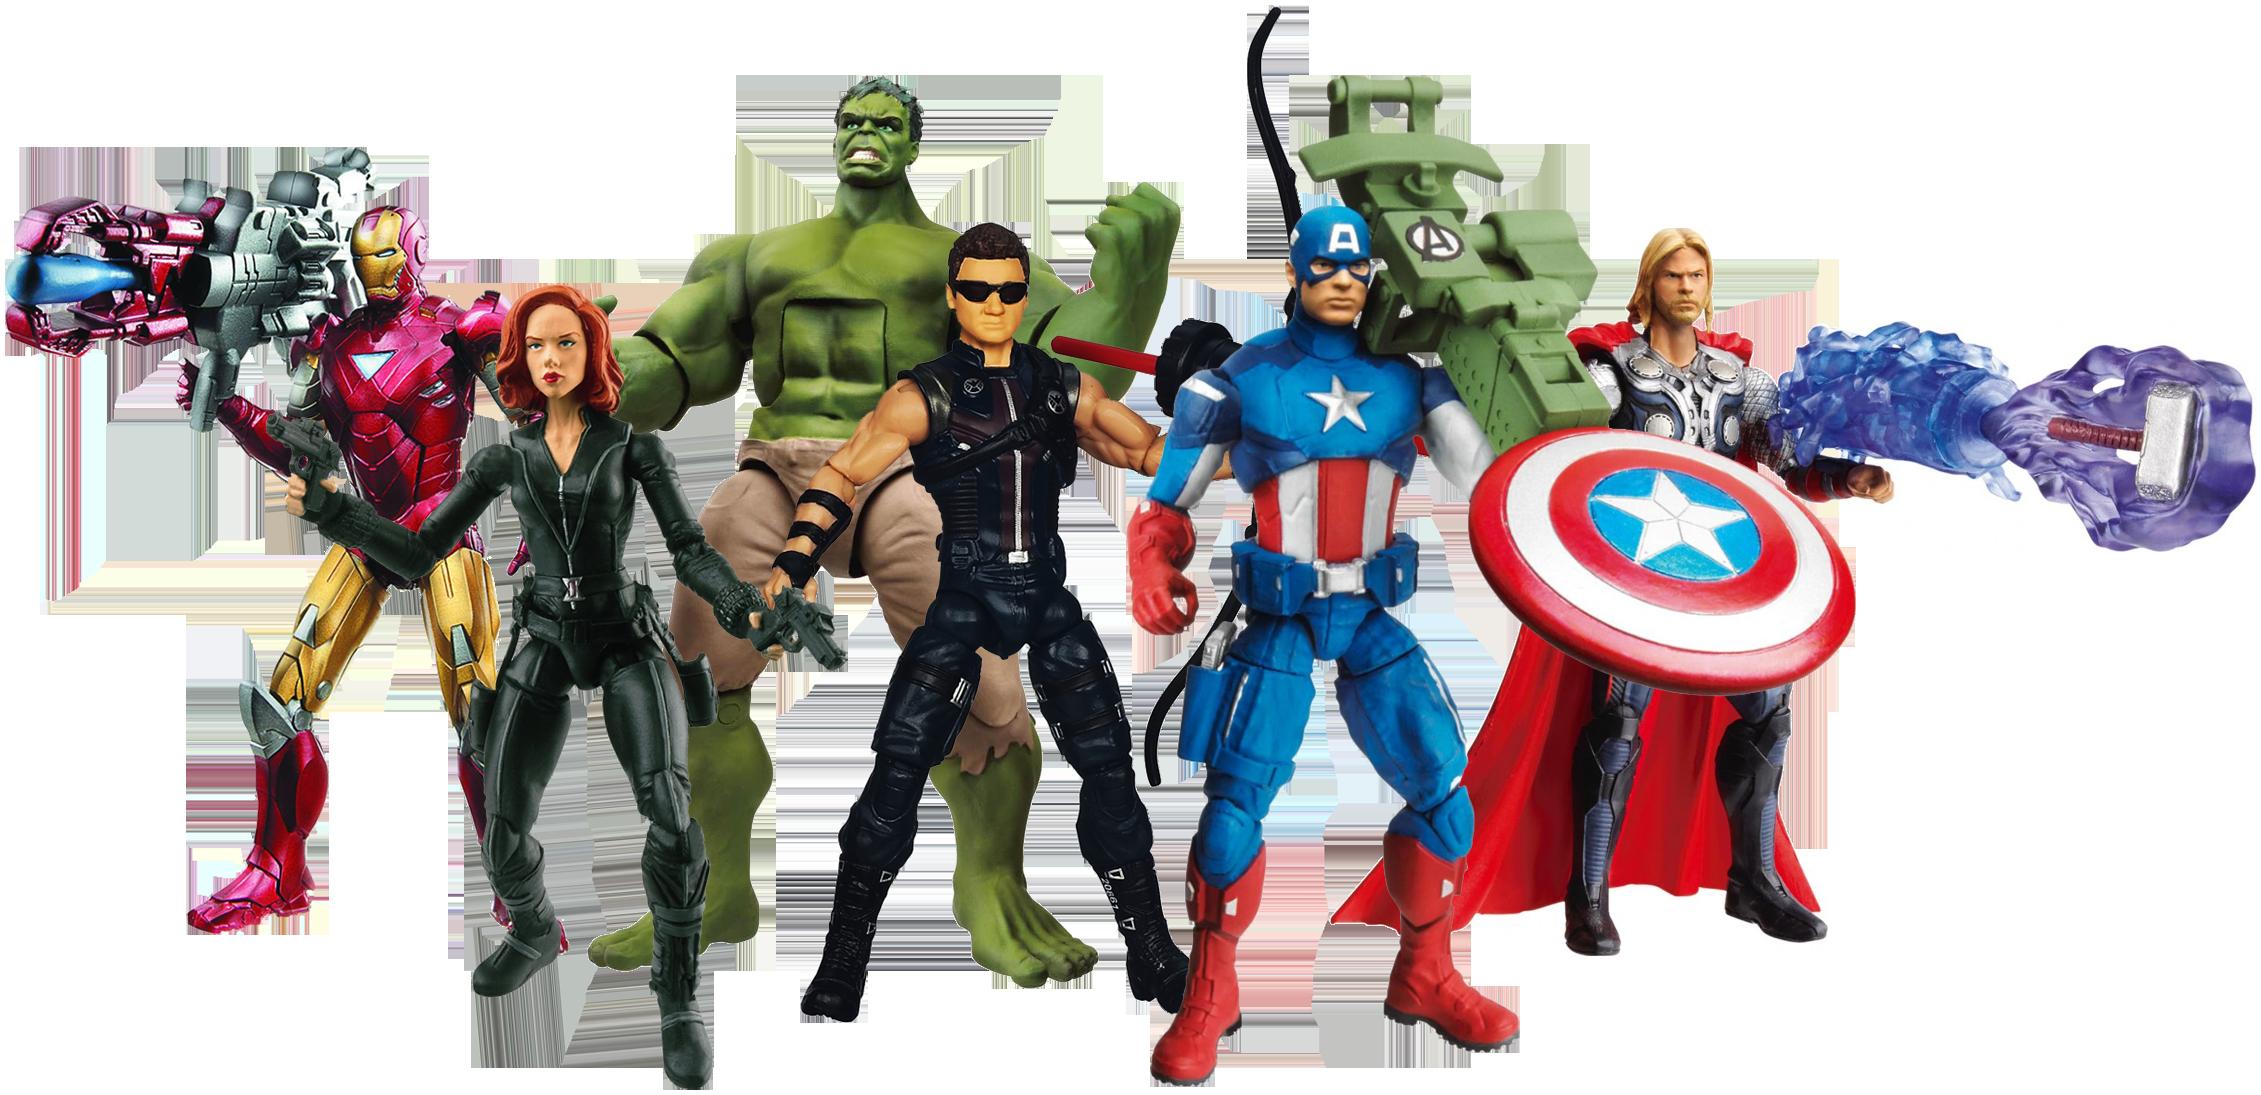 Avengers clipart: Marvel Avengers Clipar-Avengers clipart: Marvel Avengers Clipart-12